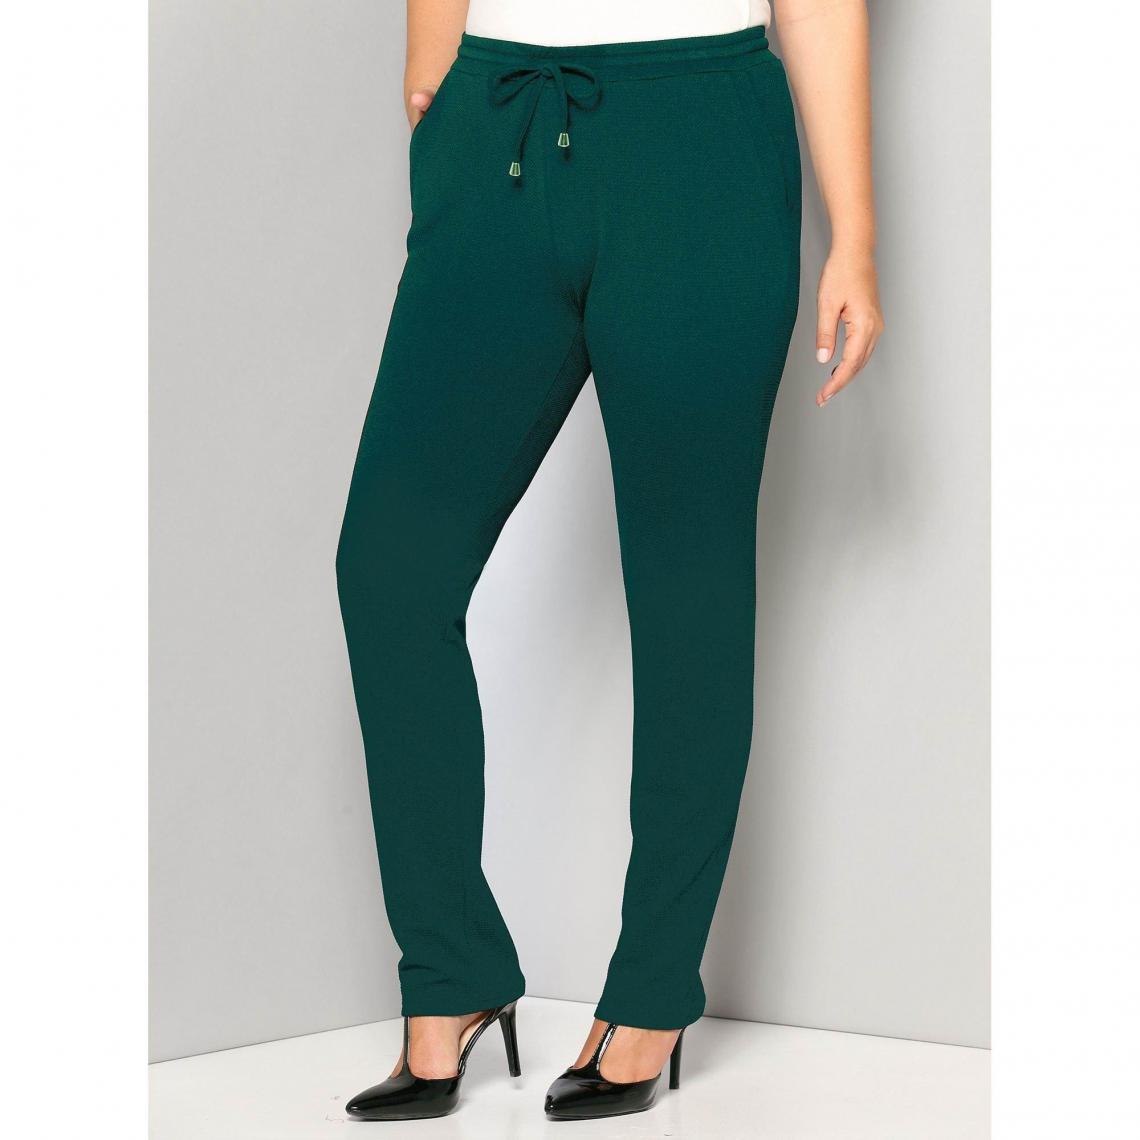 90d03df6c53 Pantalons larges femme 3 SUISSES Cliquez l image pour l agrandir. Pantalon  taille élastique et cordon poches grandes tailles ...